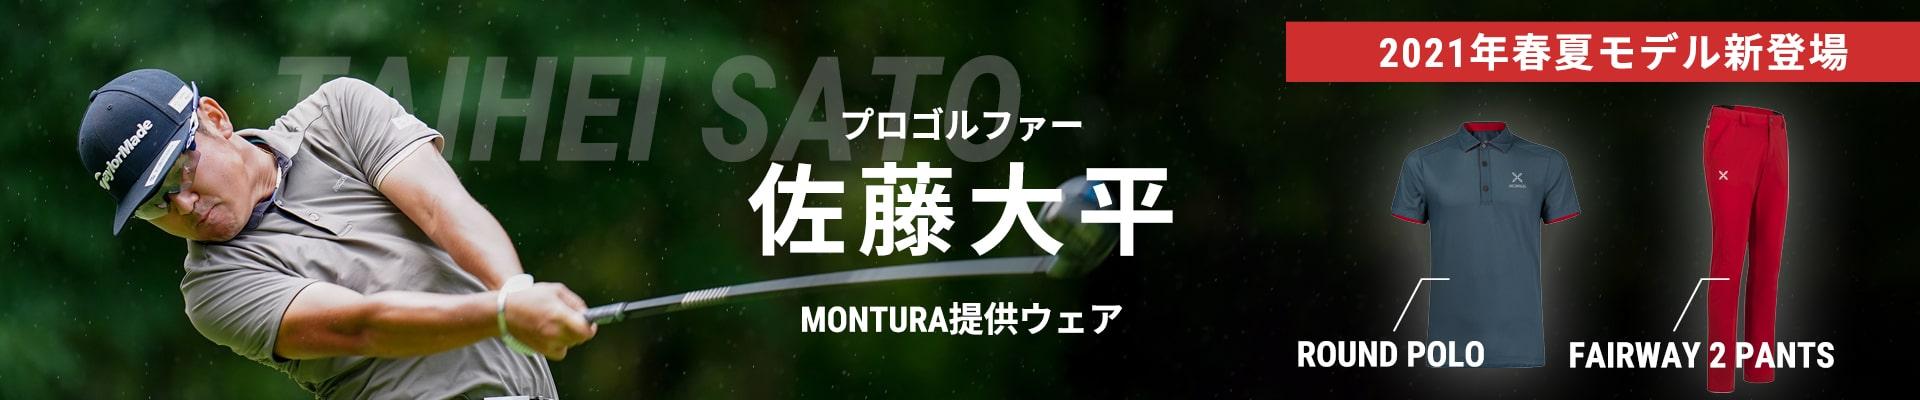 プロゴルファー佐藤大平MONTURA提供ウェア